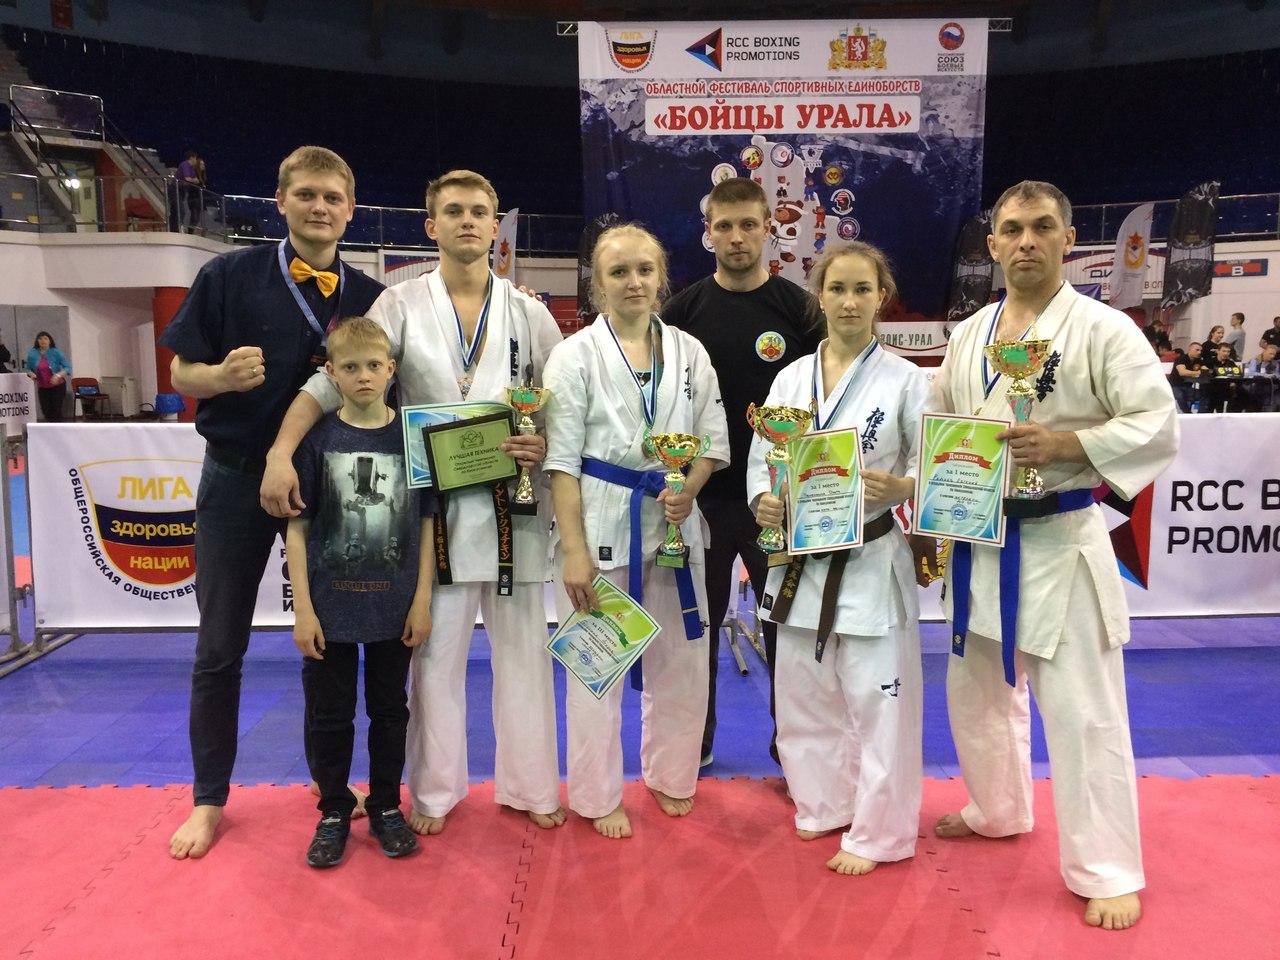 Открытый Чемпионат Свердловской области по Киокусинкай